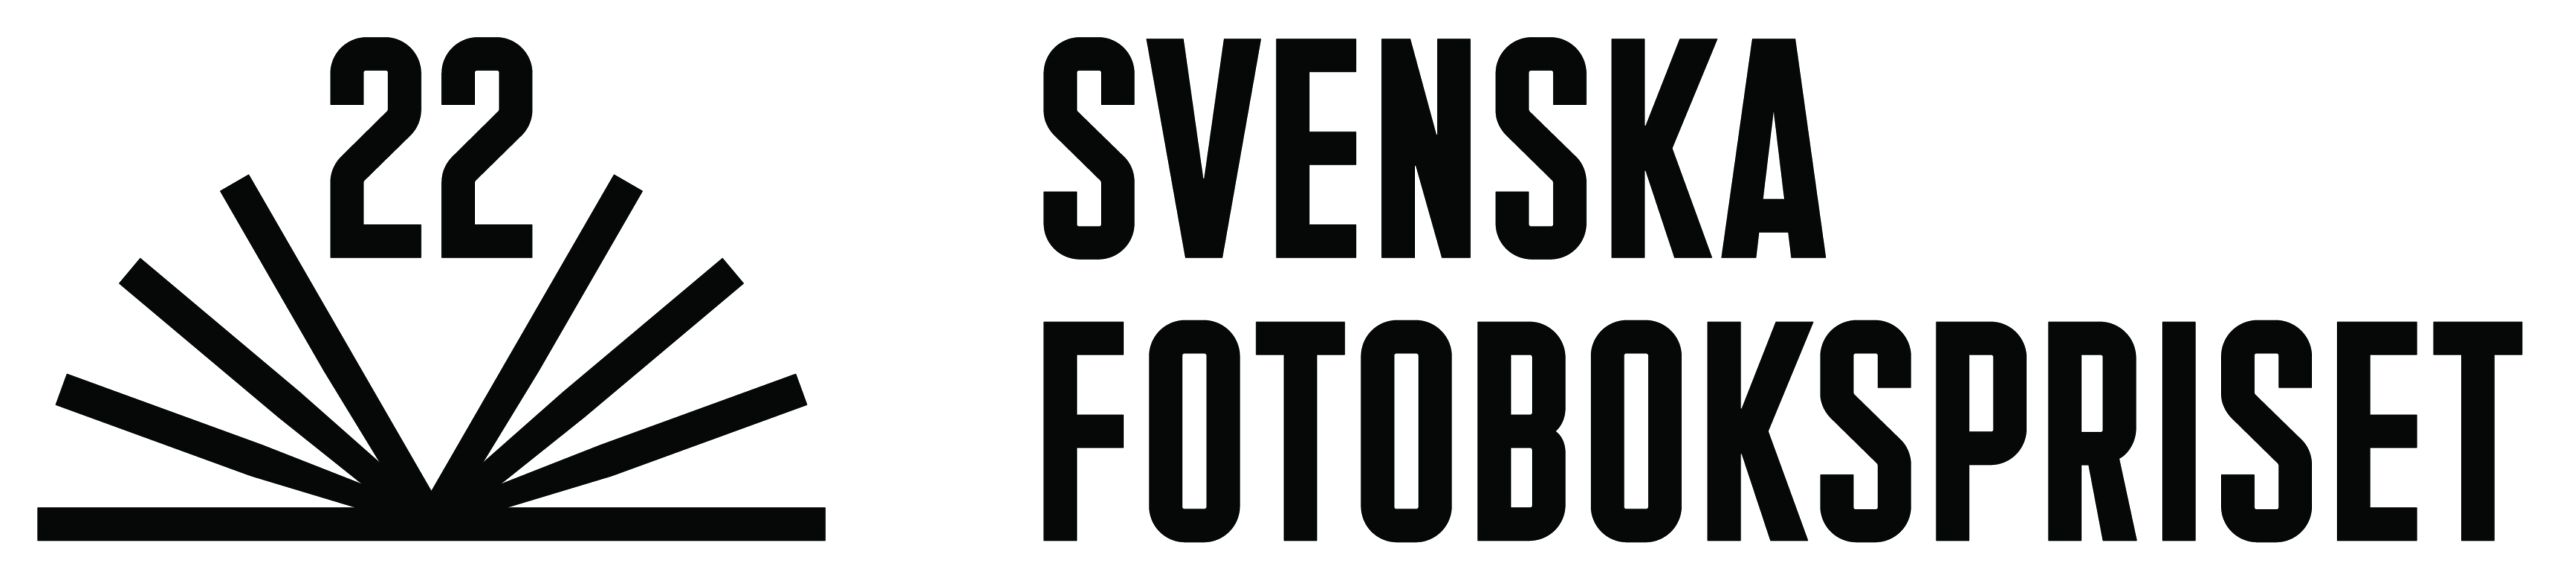 Svenska Fotobokspriset